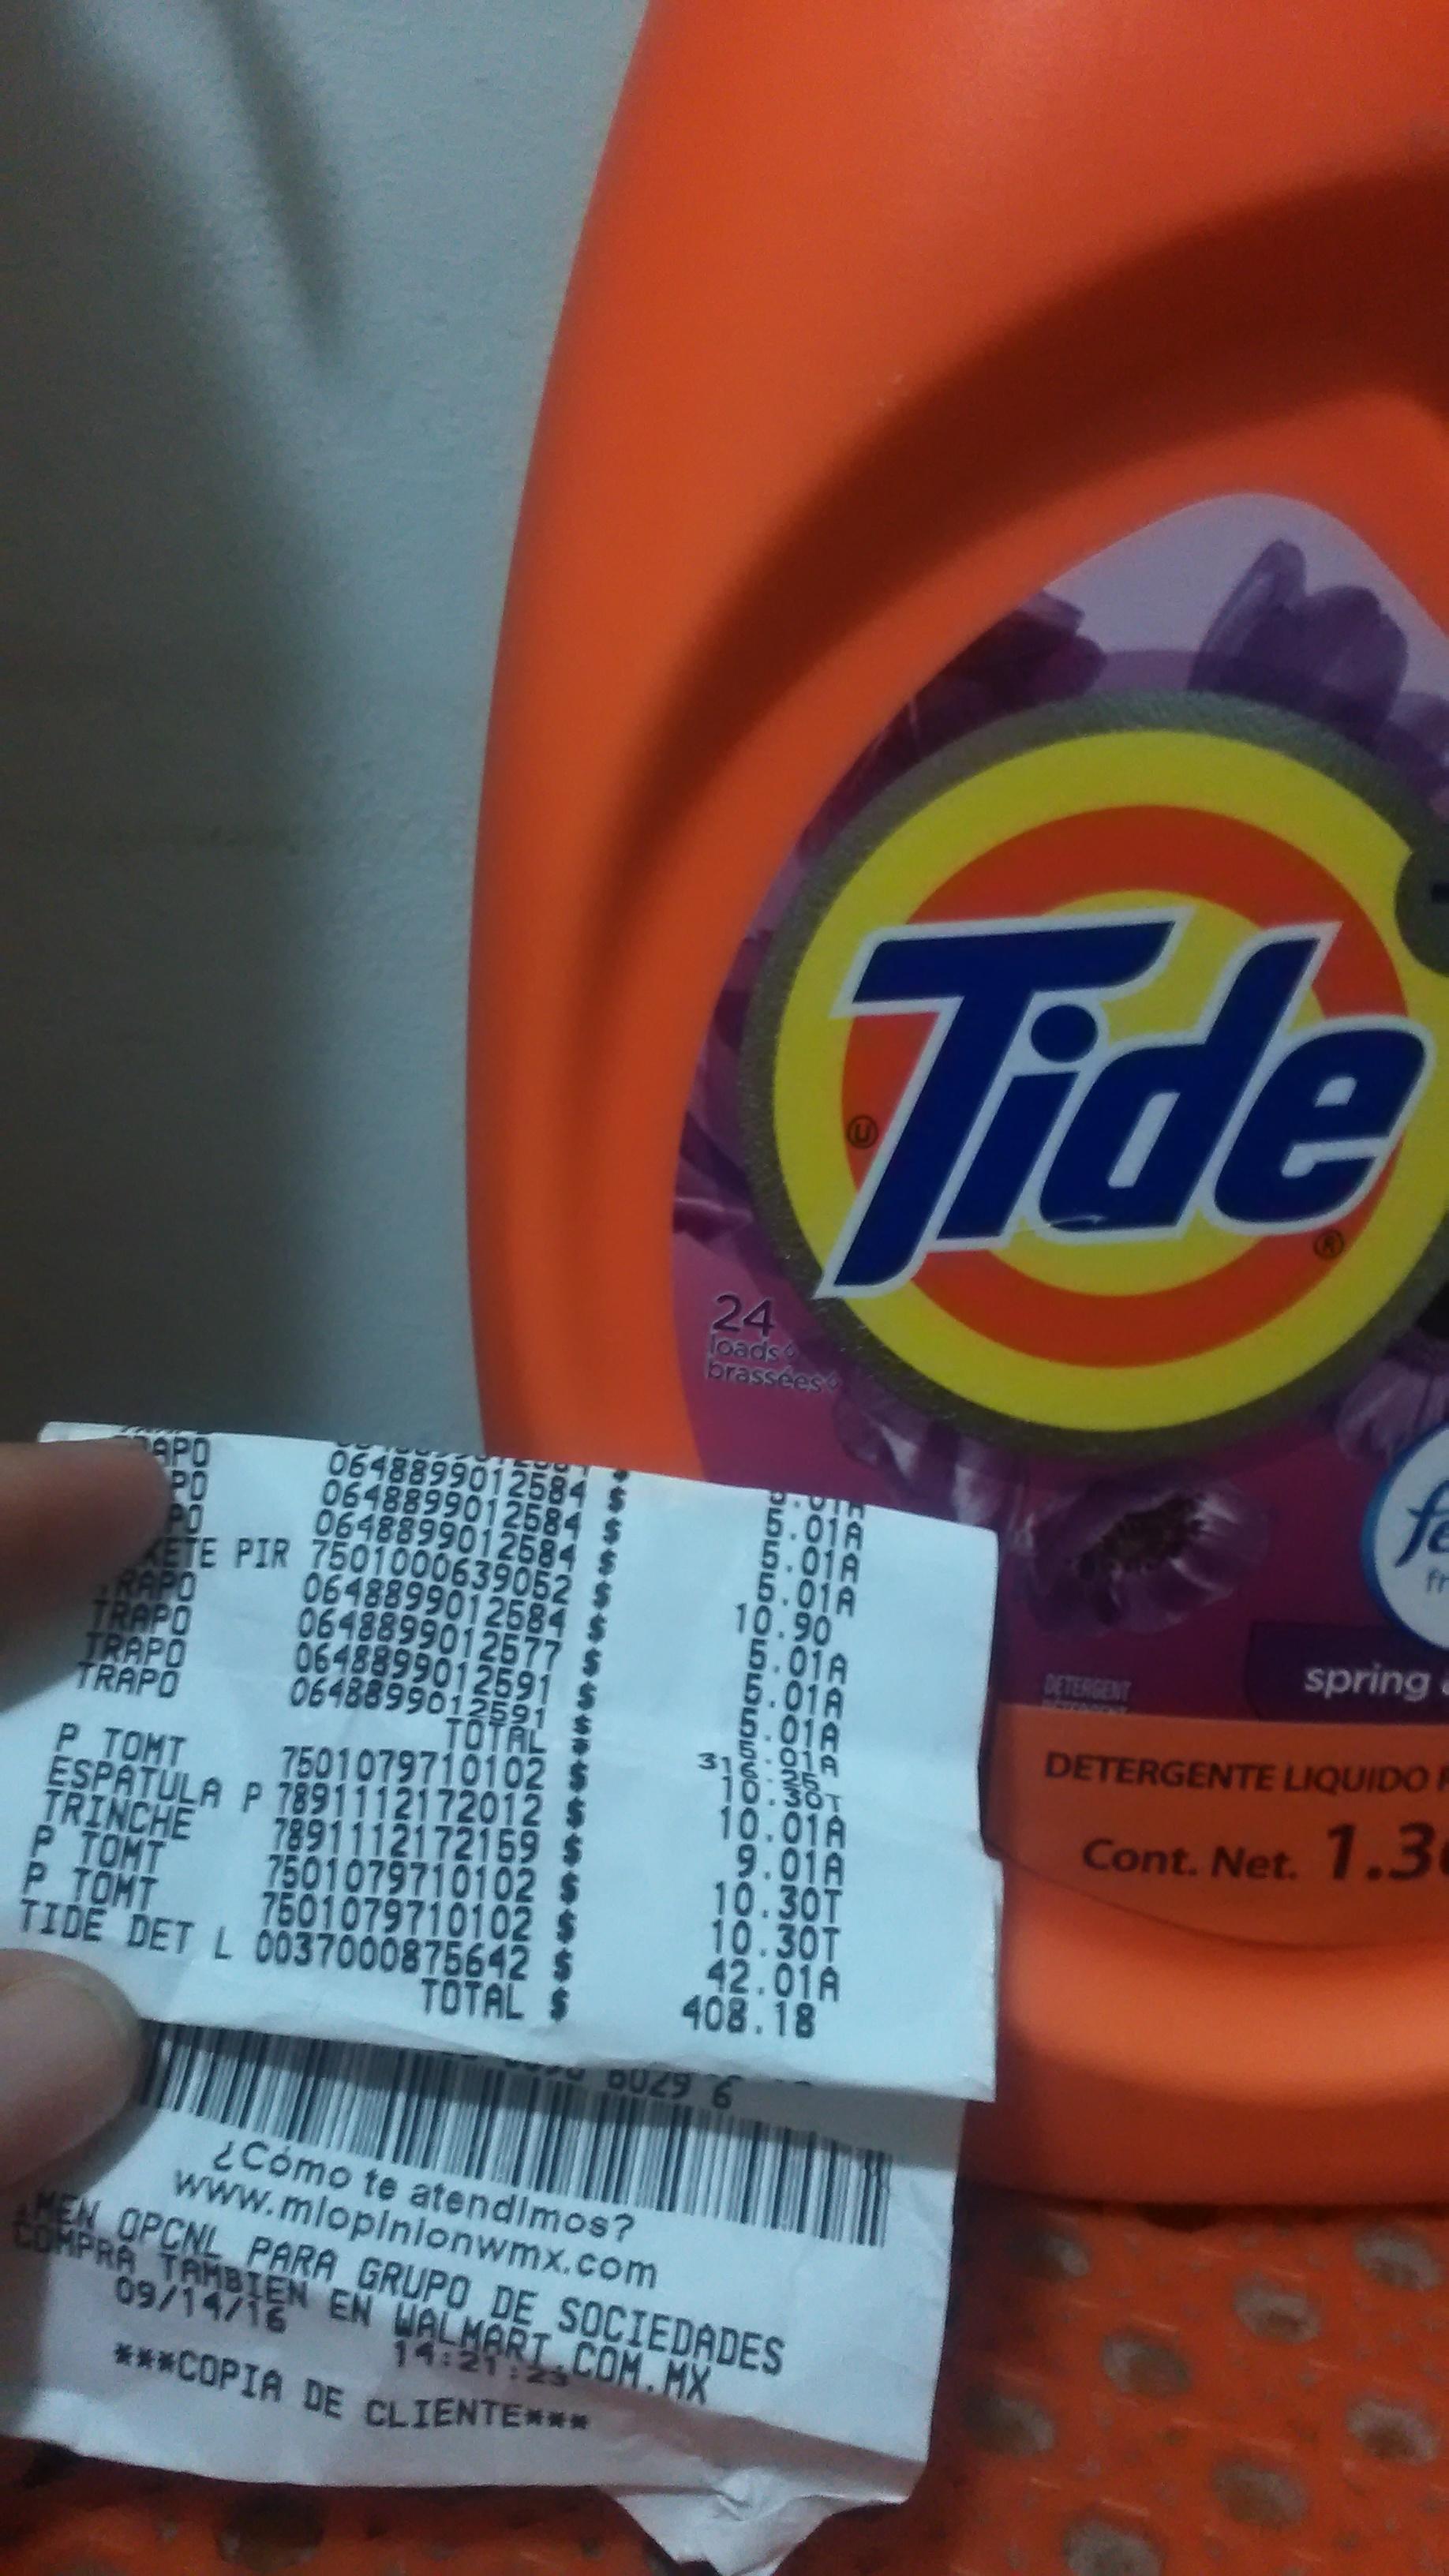 Walmart Cumbres: detergente Tide Febreze 1.36L en $42.01